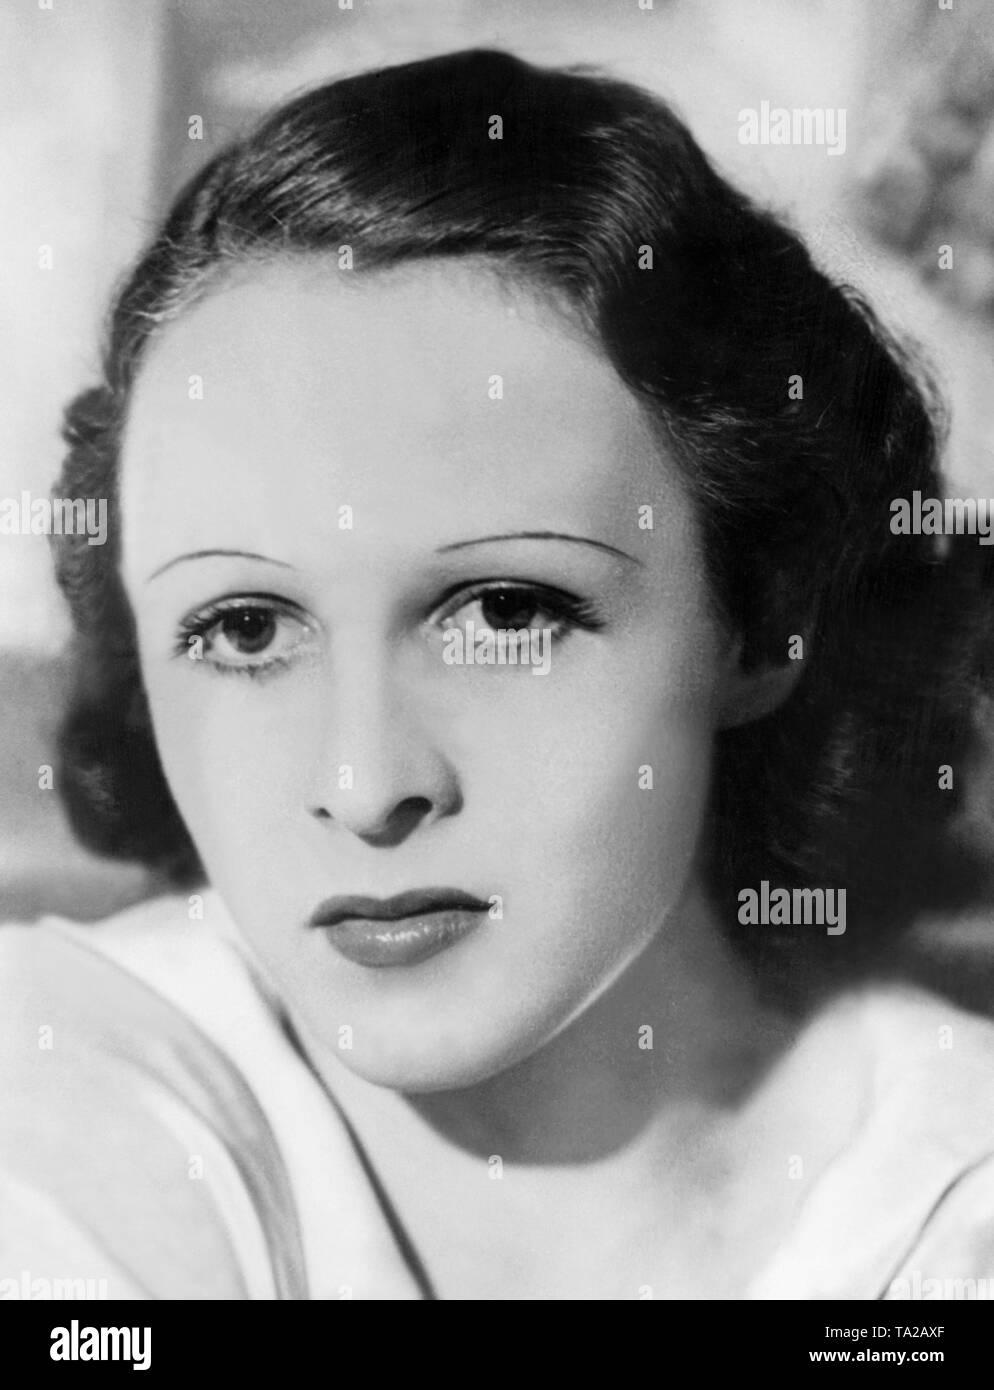 Frau Mit Einer Kurze Frisur Aus Den 1930er Jahren Die Dunne